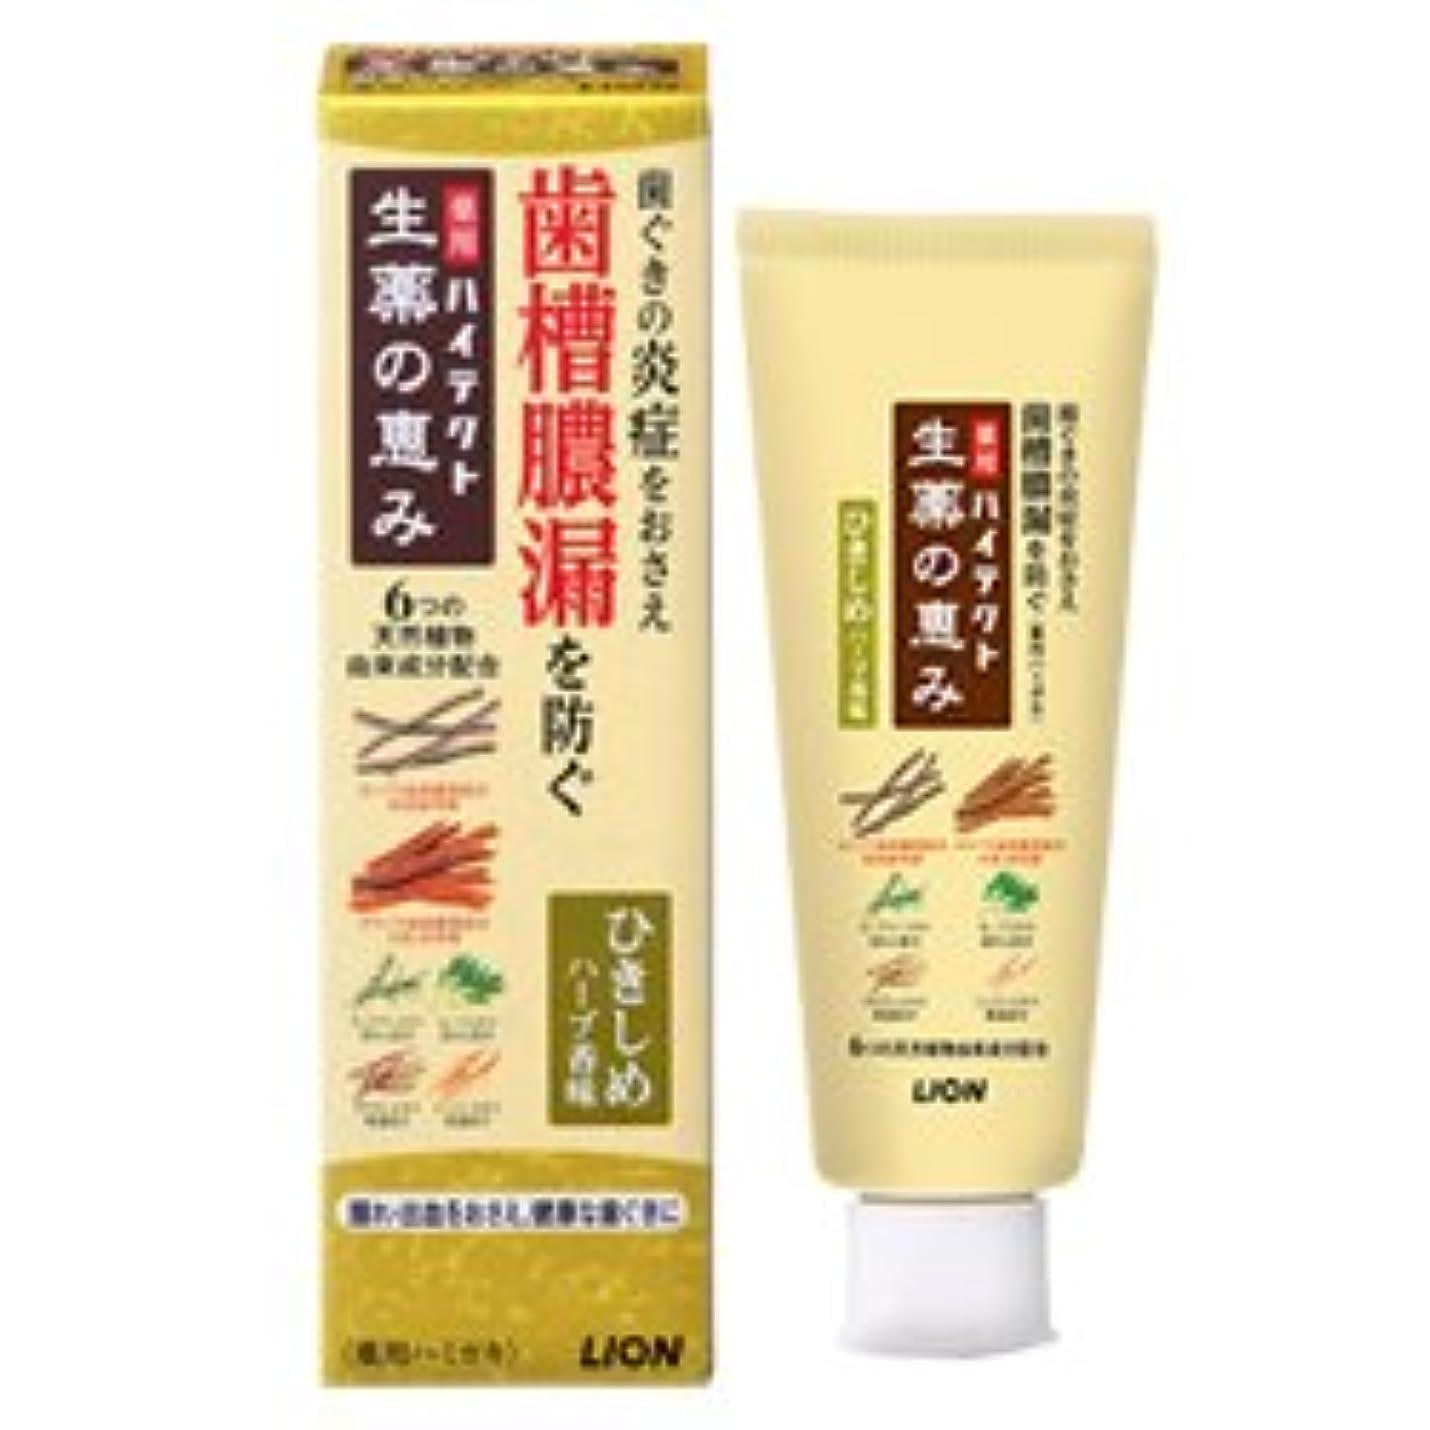 ターゲット雑品からかう【ライオン】ハイテクト 生薬の恵み ひきしめハーブ香味90g×5個セット